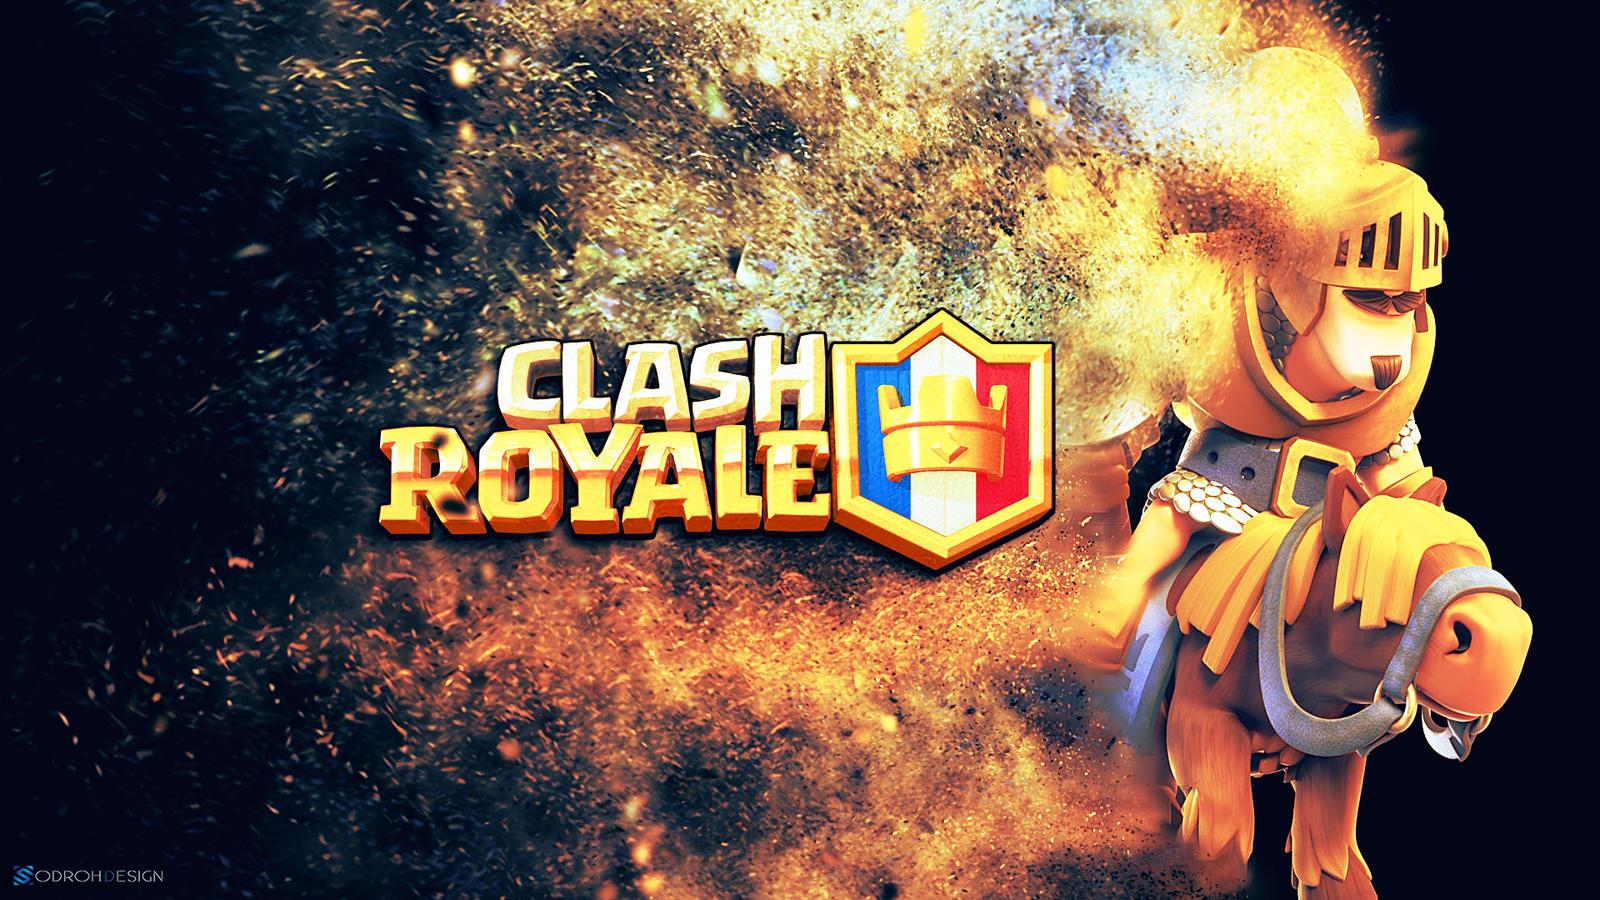 clash_royale_wallapaper_2_by_sodroh-d9xu0hj.jpg